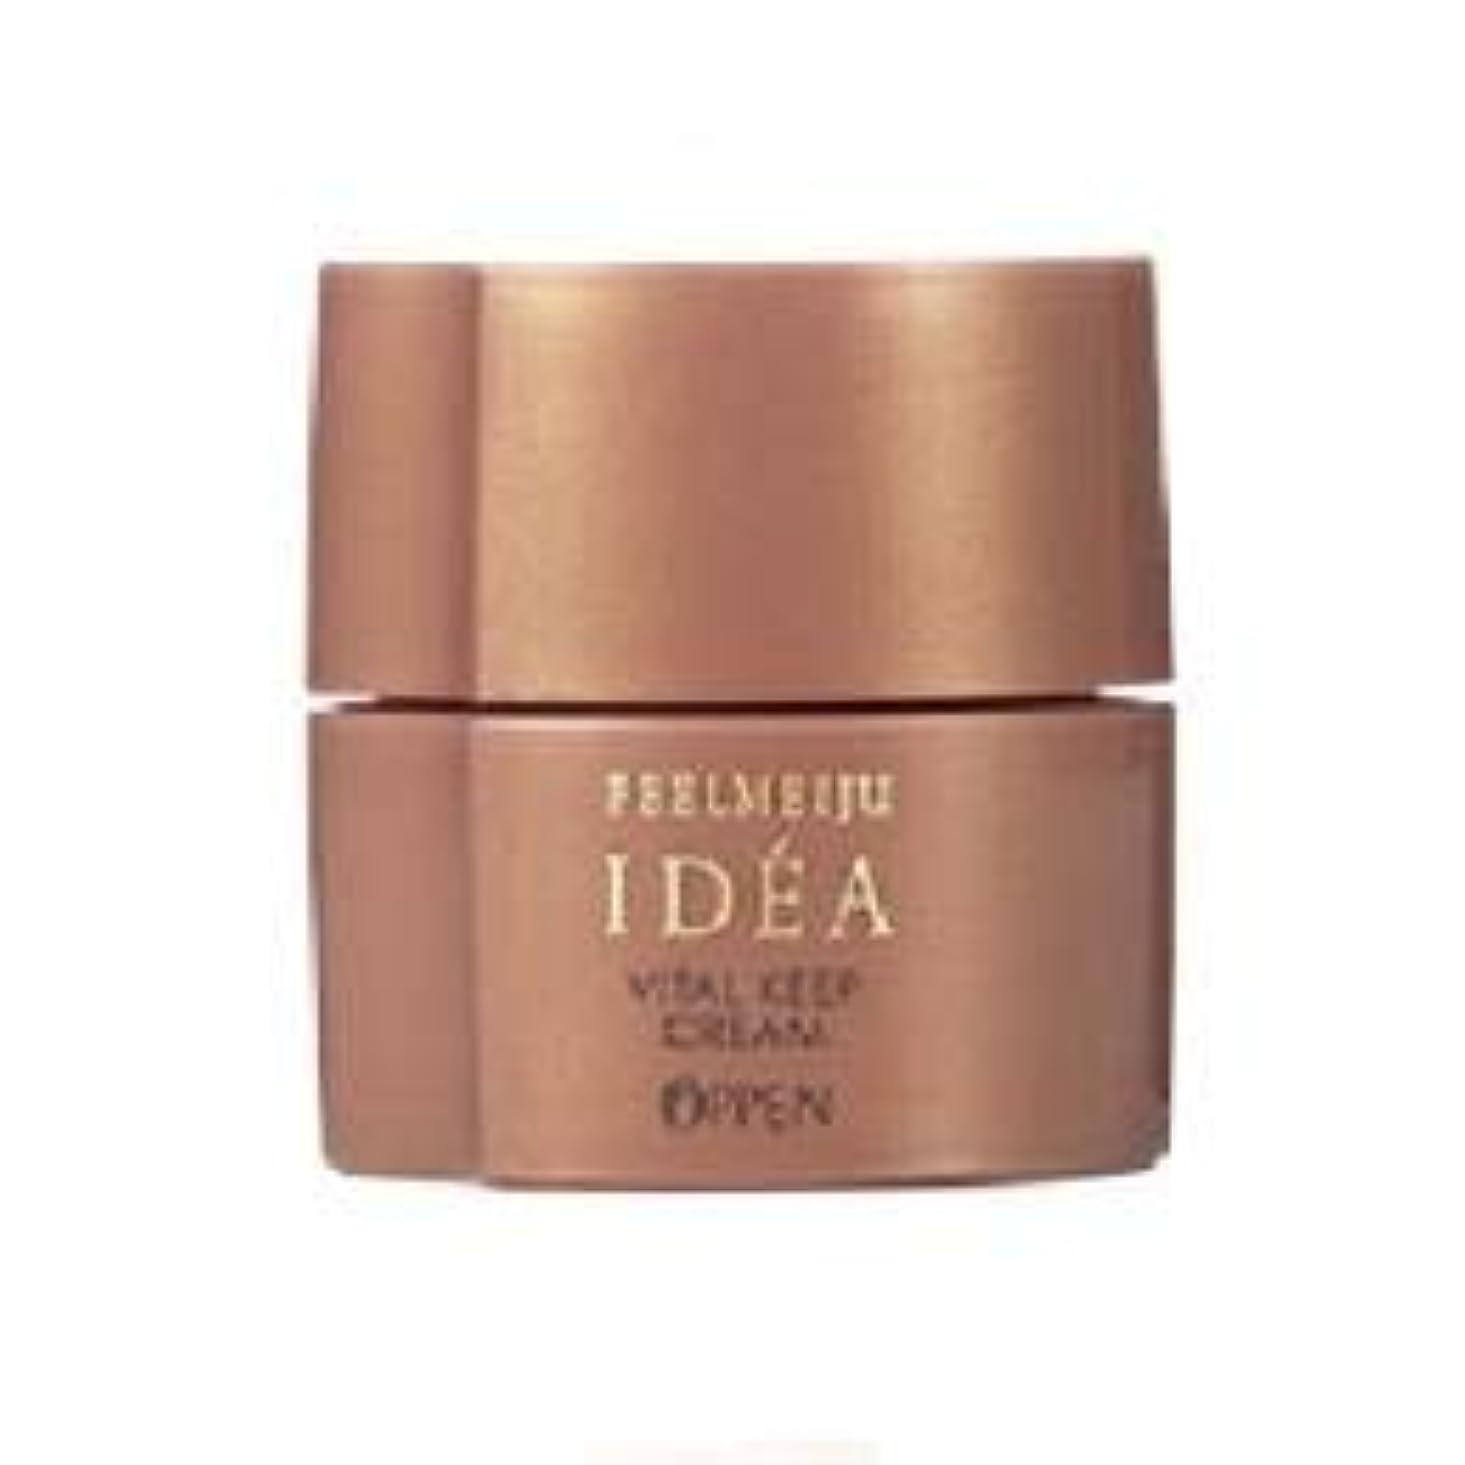 香水ご意見細胞オッペン フィールメージュ イデア バイタルキープクリーム(30g)